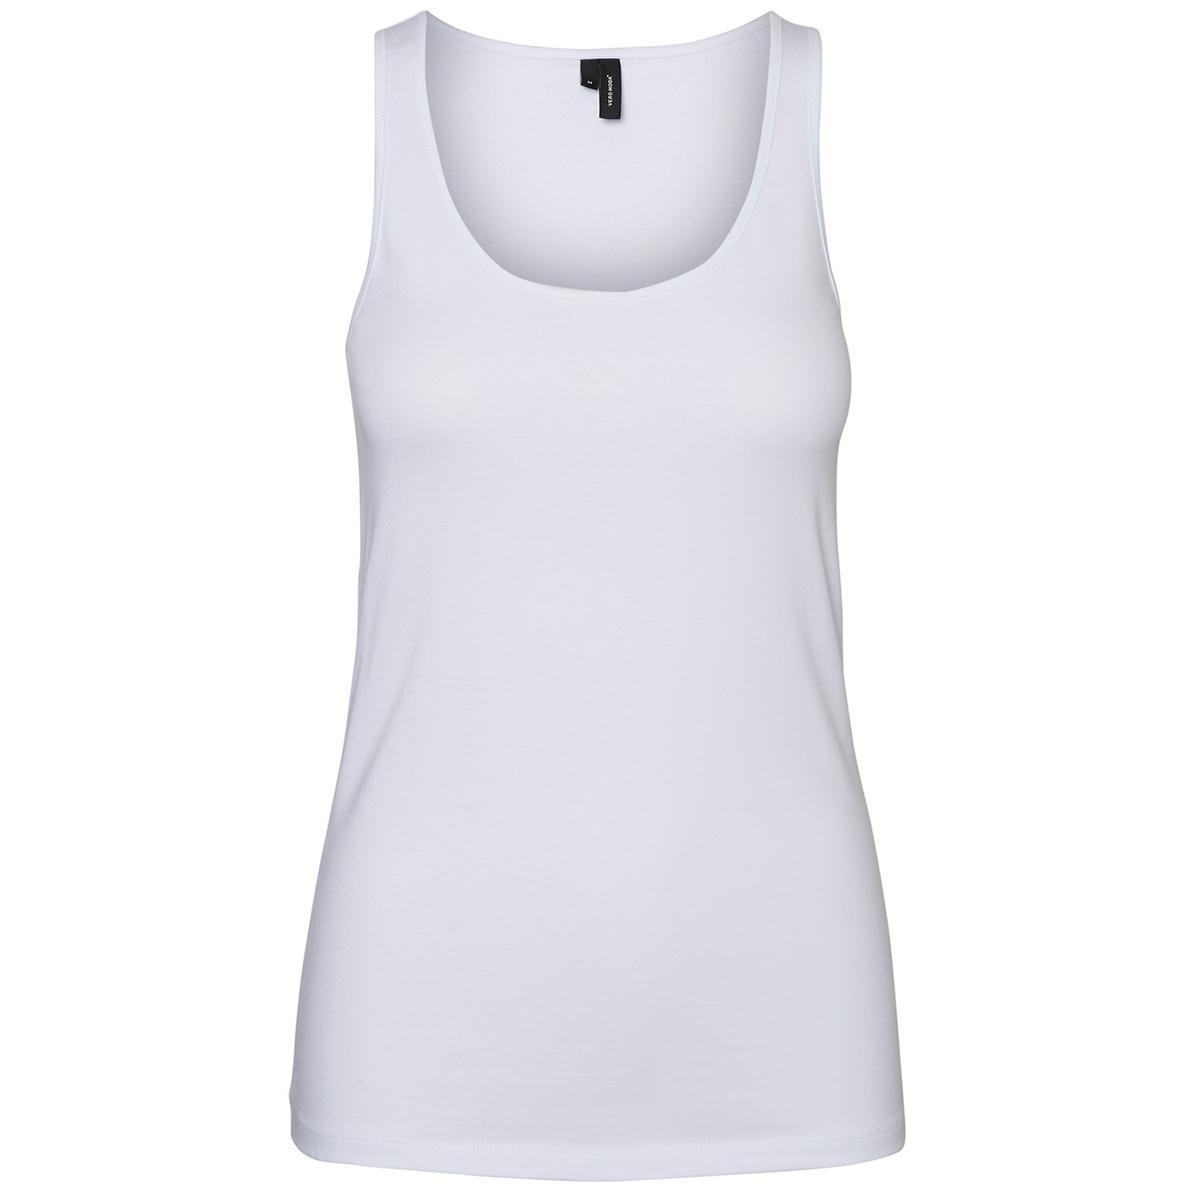 vmmaxi my soft  short tank top ga noos 10228807 vero moda top bright white